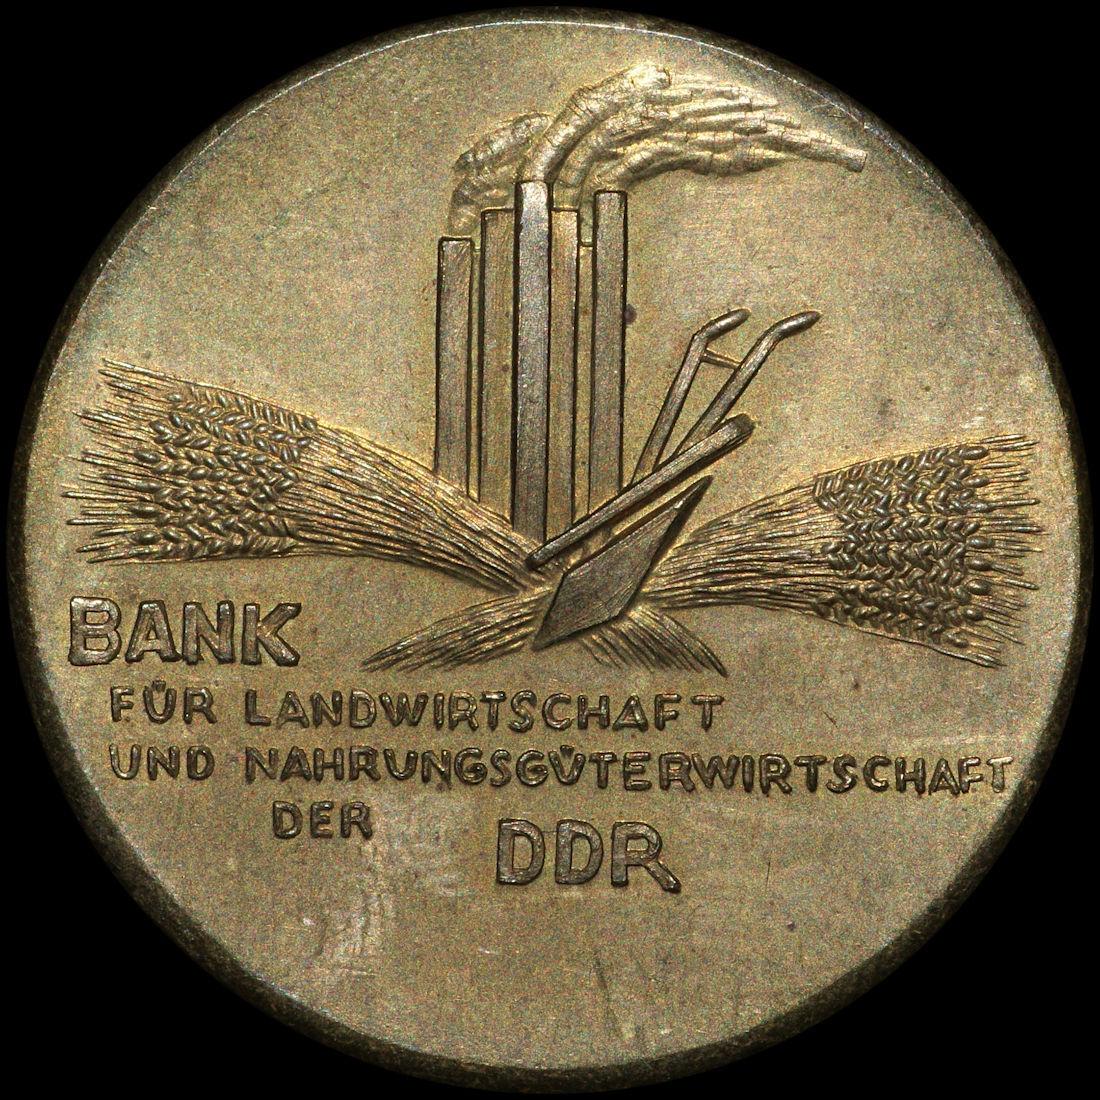 BANKWESEN: BANK FÜR LANDWIRTSCHAFT UND NAHRUNGSGÜTERWIRTSCHAFT DER DDR.